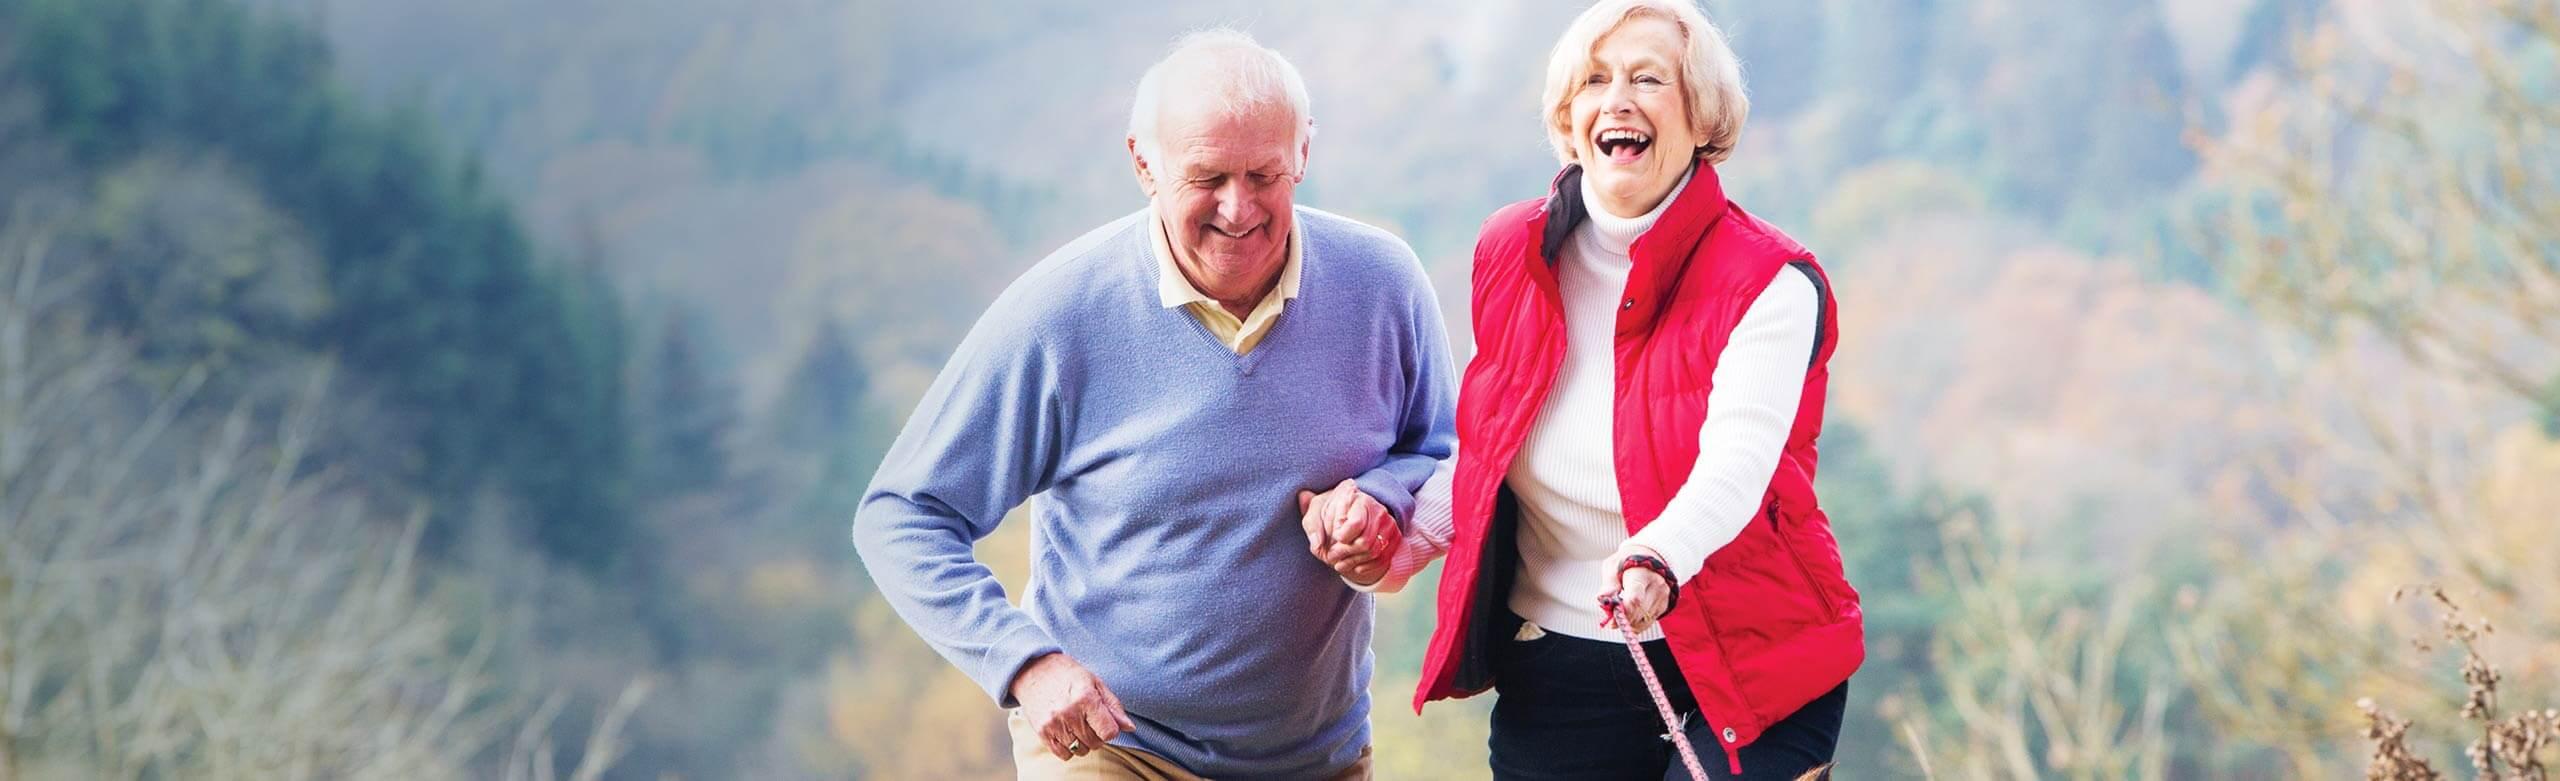 Imagen de un hombre y una mujer que pasean al aire libre mientras se cogen de la mano y ríen.